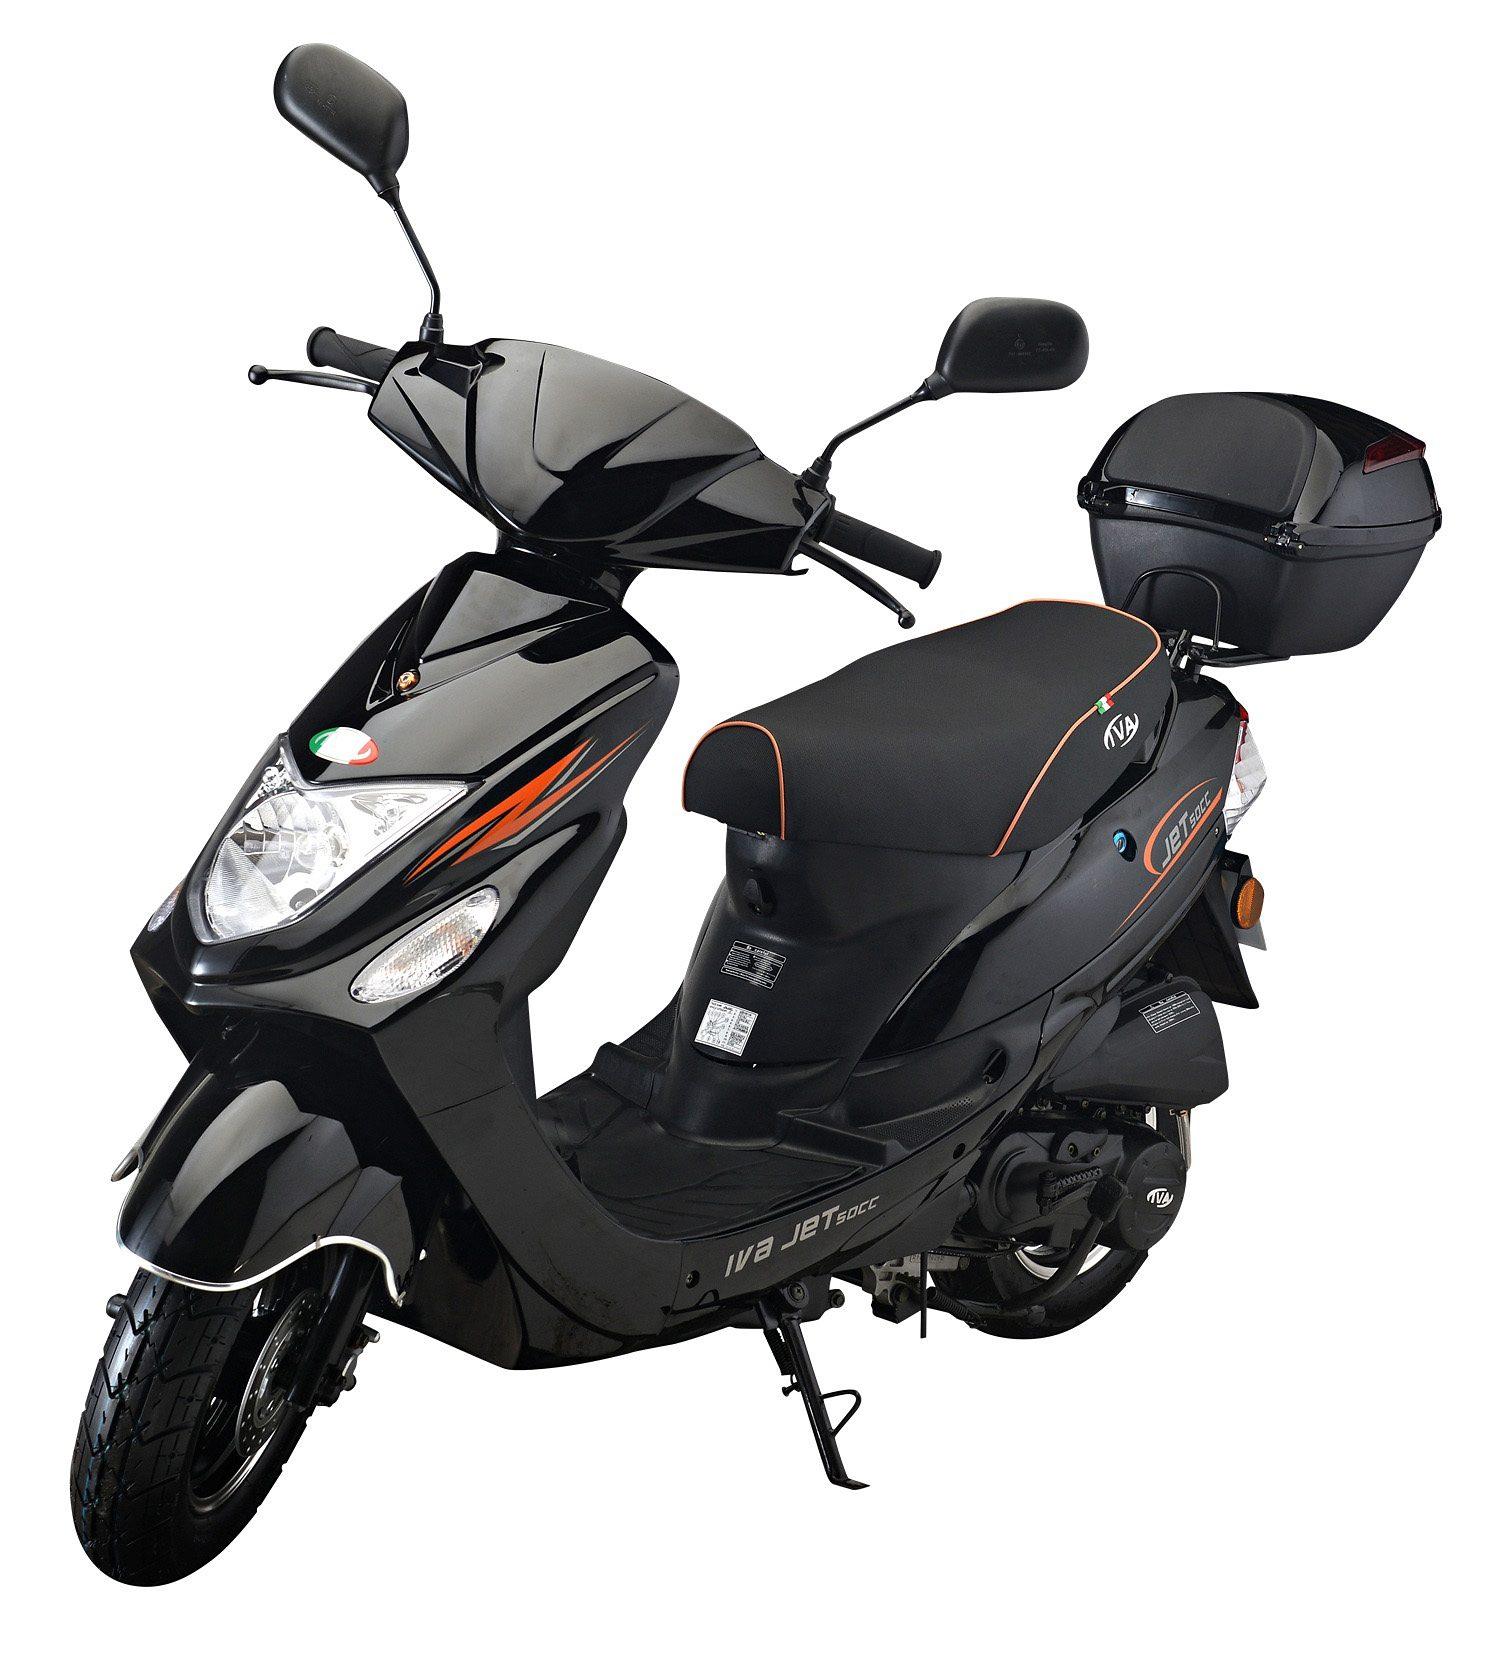 IVA Mofaroller inkl. Topcase, 49 ccm, 25 km/h, schwarz, »Jet New«